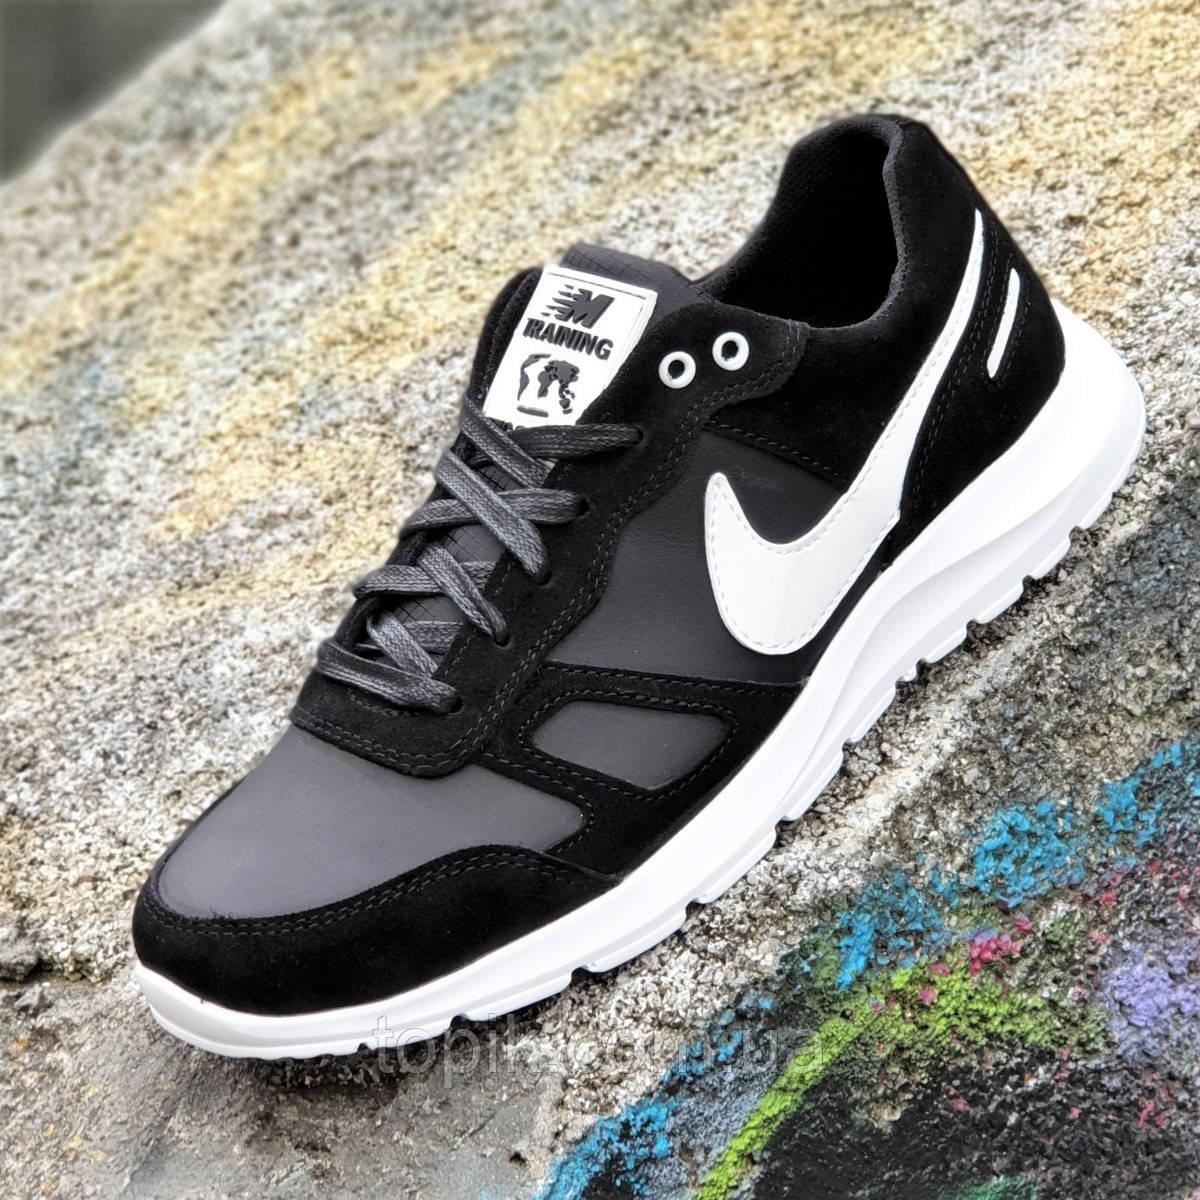 Кожаные мужские кроссовки натуральная кожа замша черные, легкая белая подошва, стильные (Код: 1382)